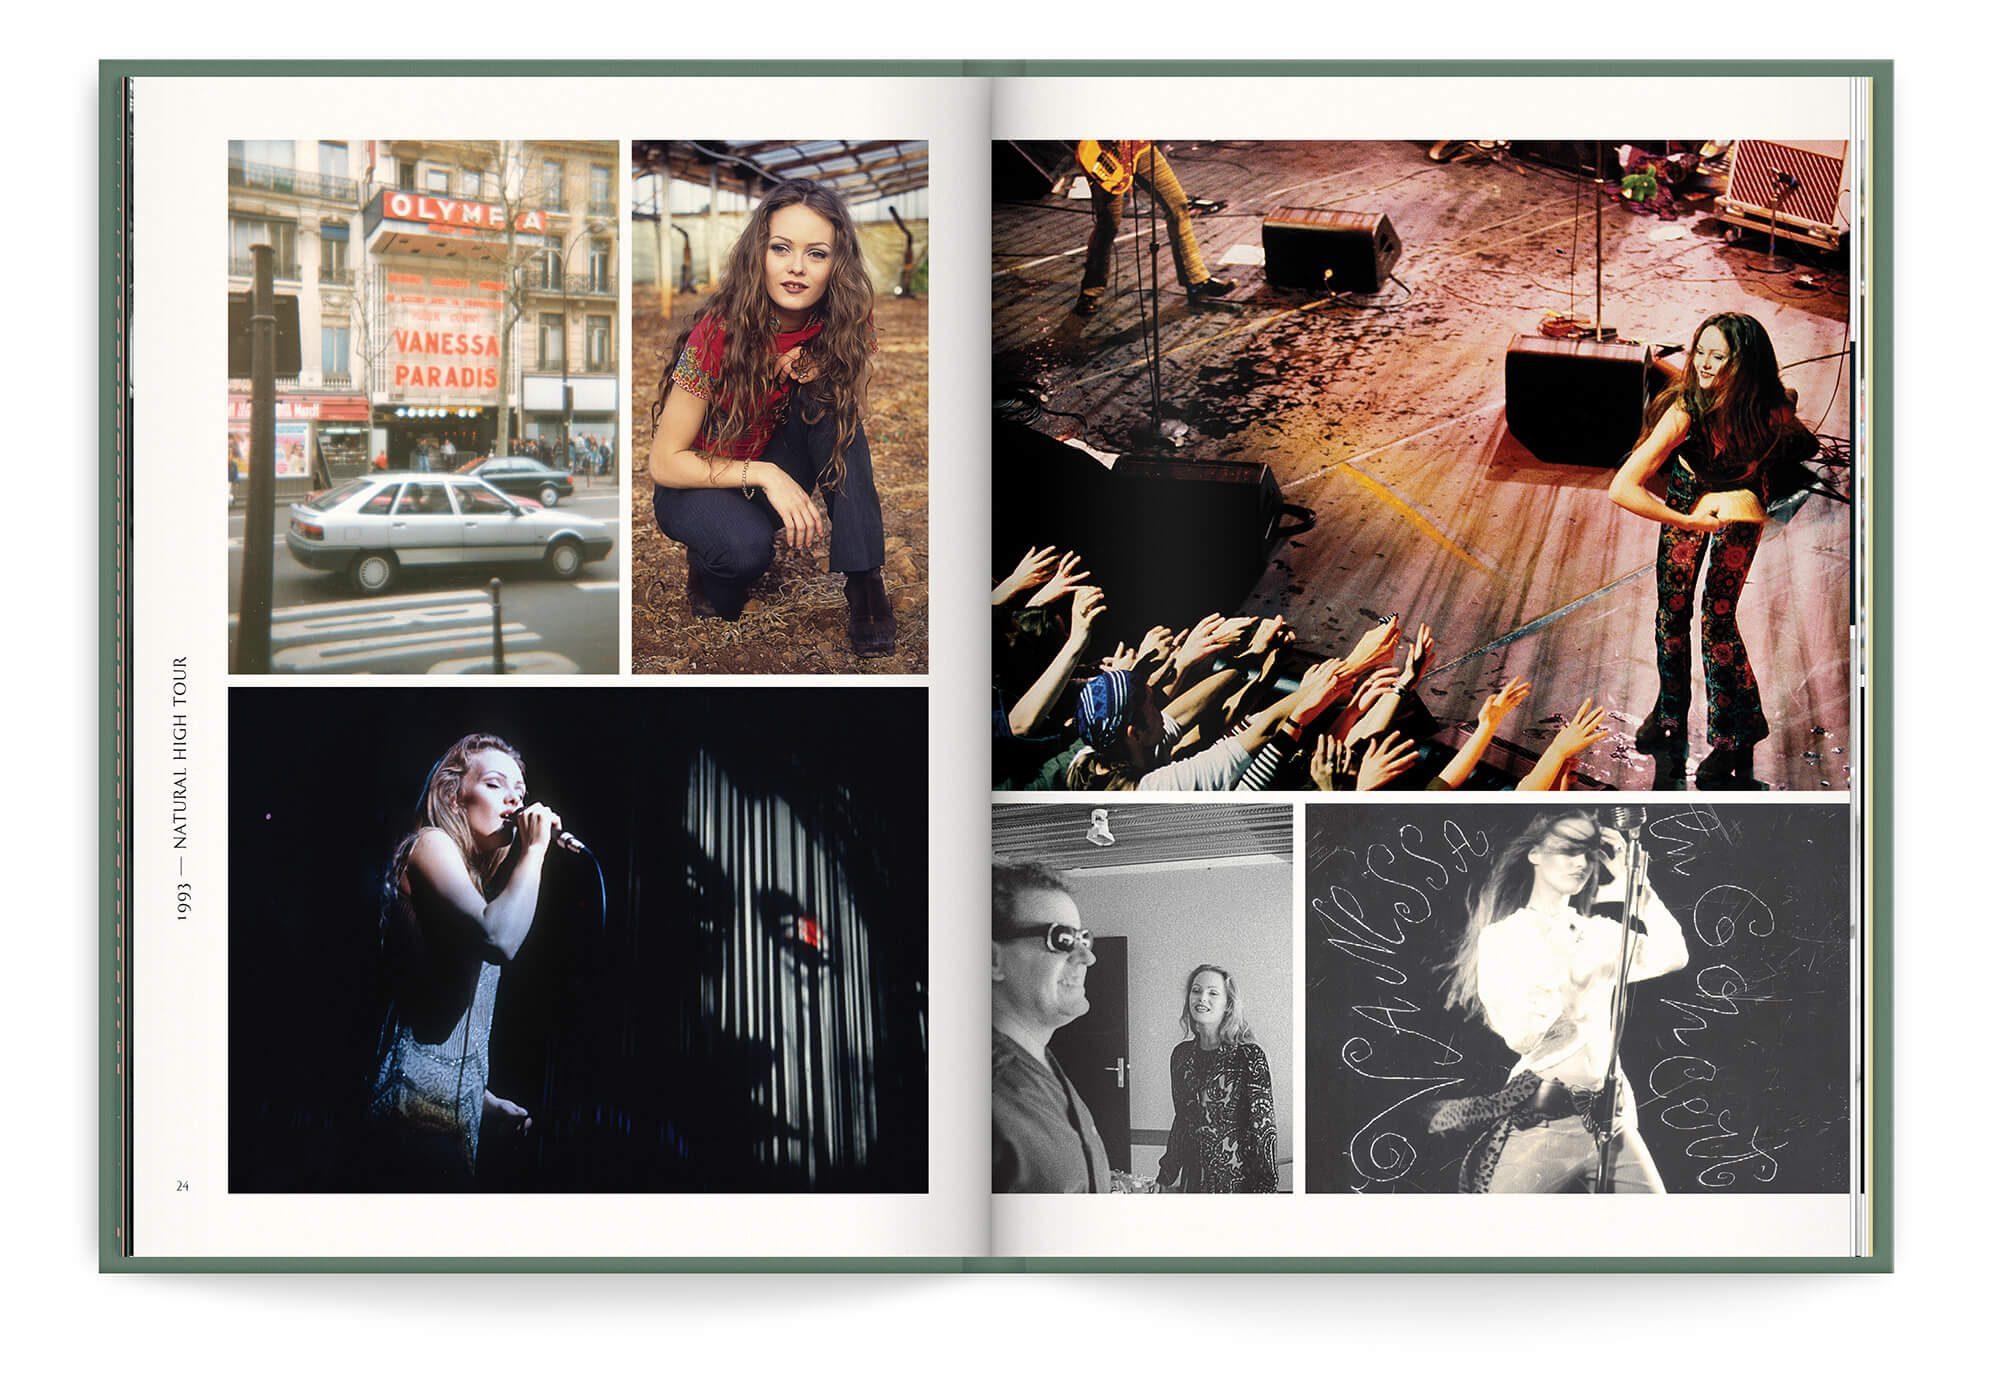 Double page de photos inédites pour le best of de Vanessa Paradis, Natural High Tour en 1993, design et mise en page IchetKar